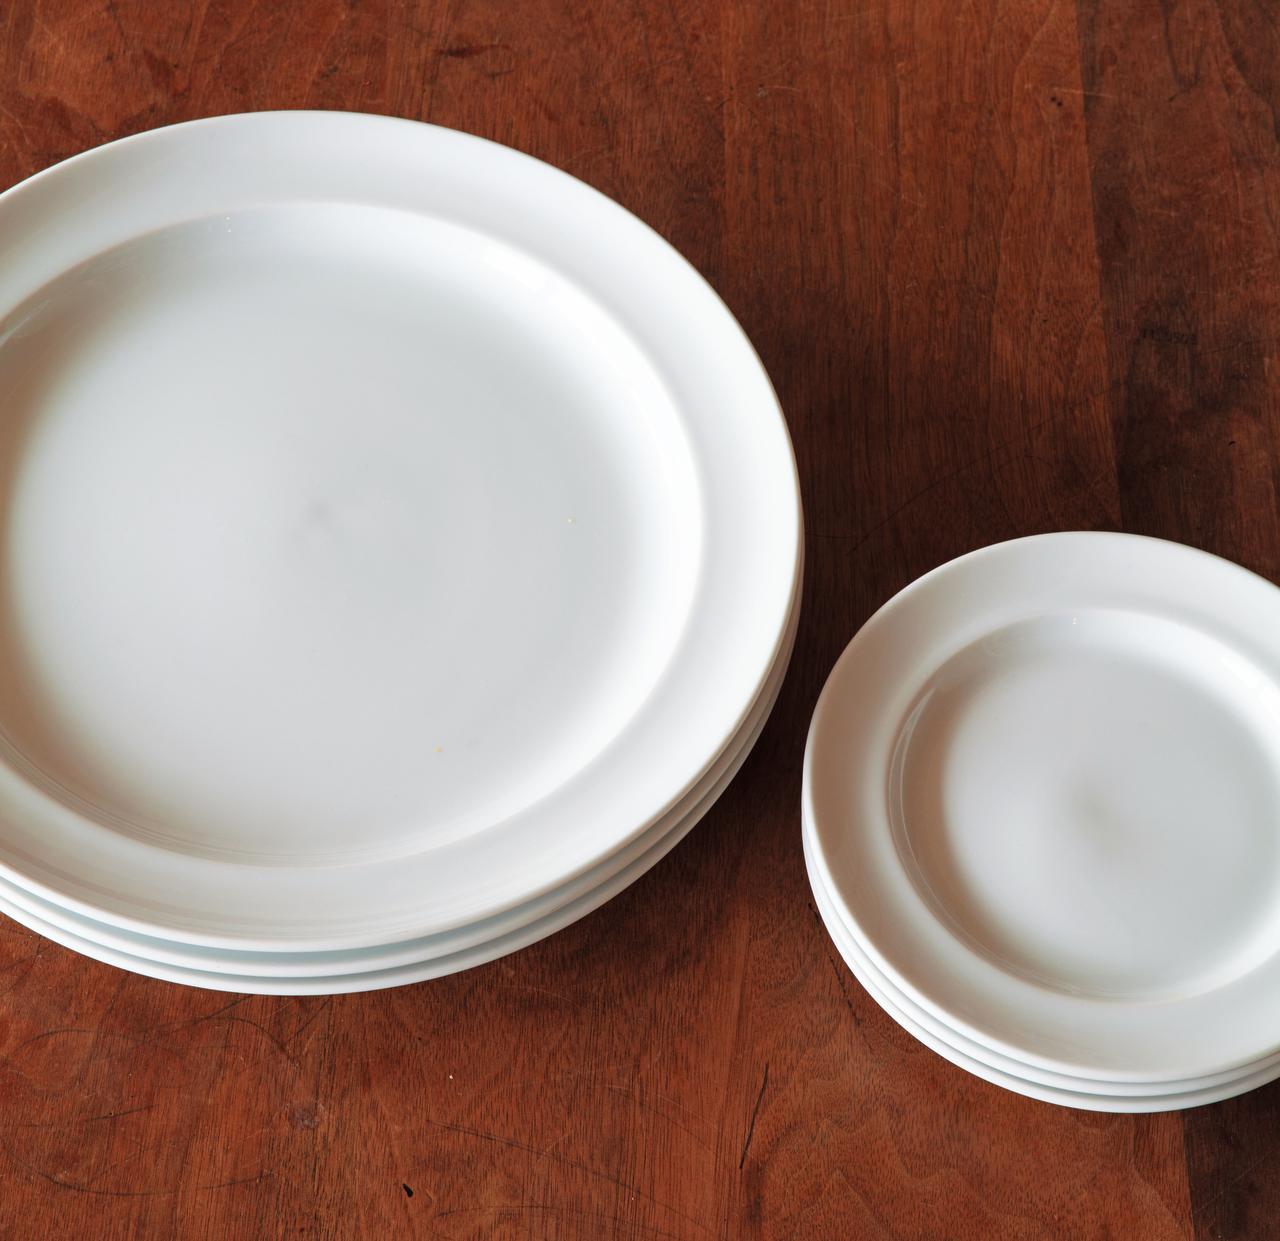 画像: ロイヤルコペンハーゲンの白いお皿は、洋食メニューでたびたび使う頼もしい存在